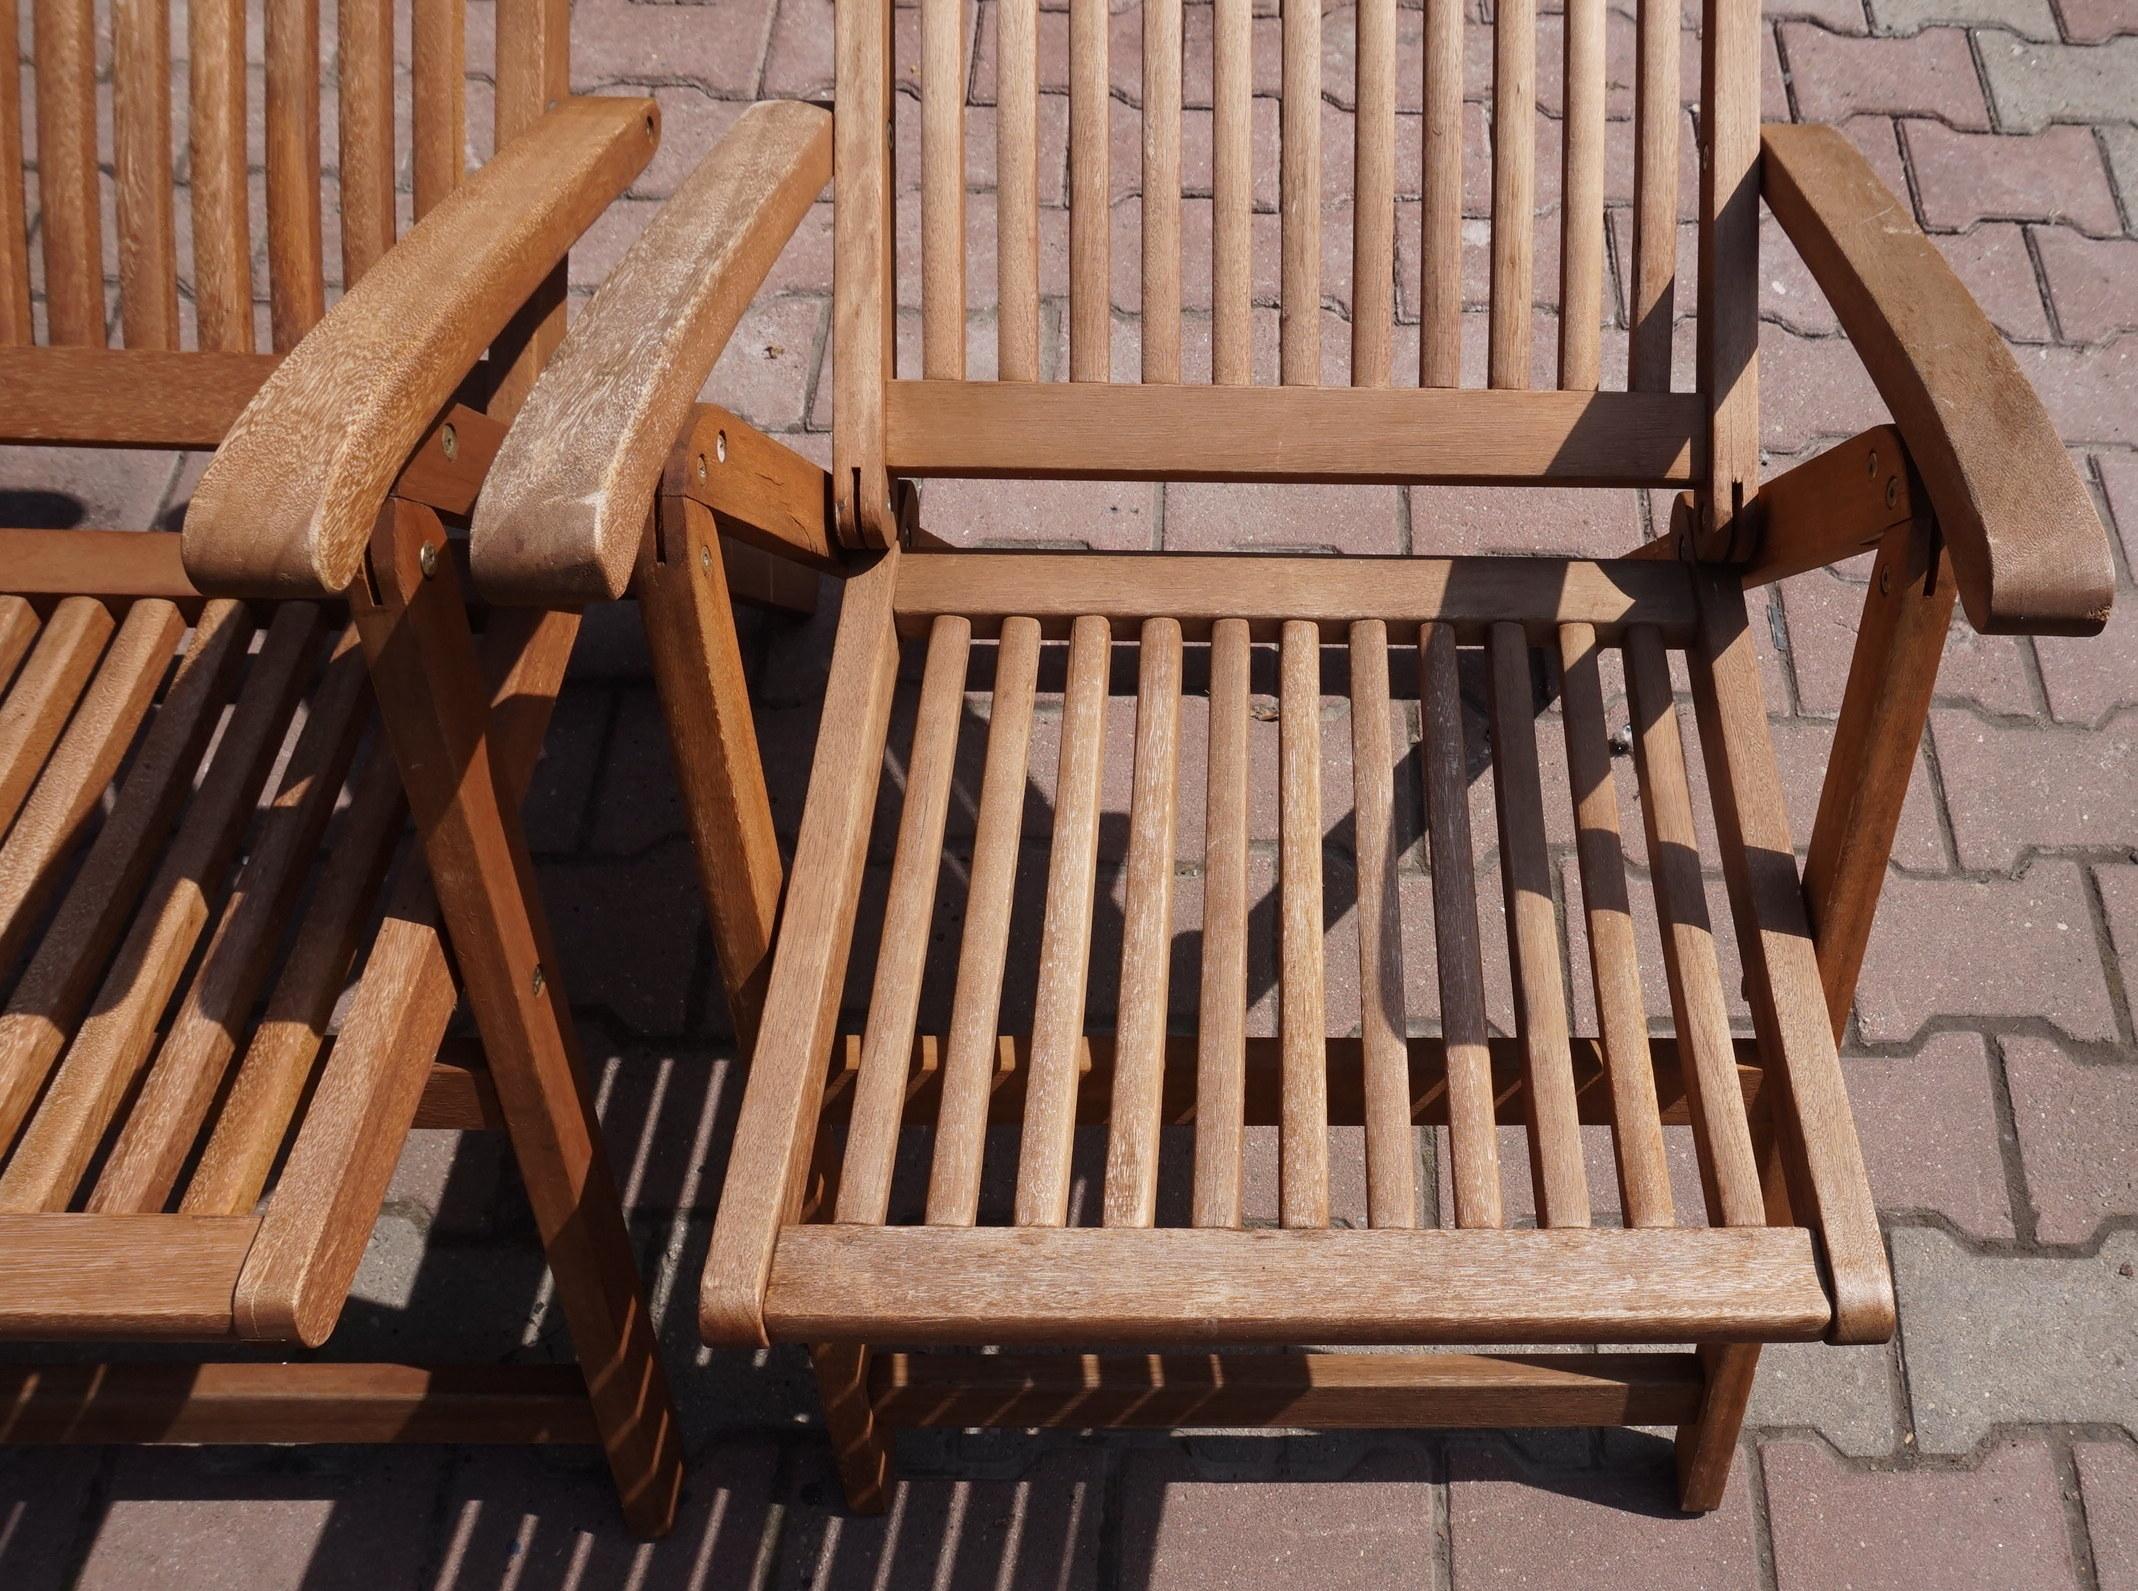 Krzesło Składane Ogrodowe 7 Poz Drewno Jutlandia